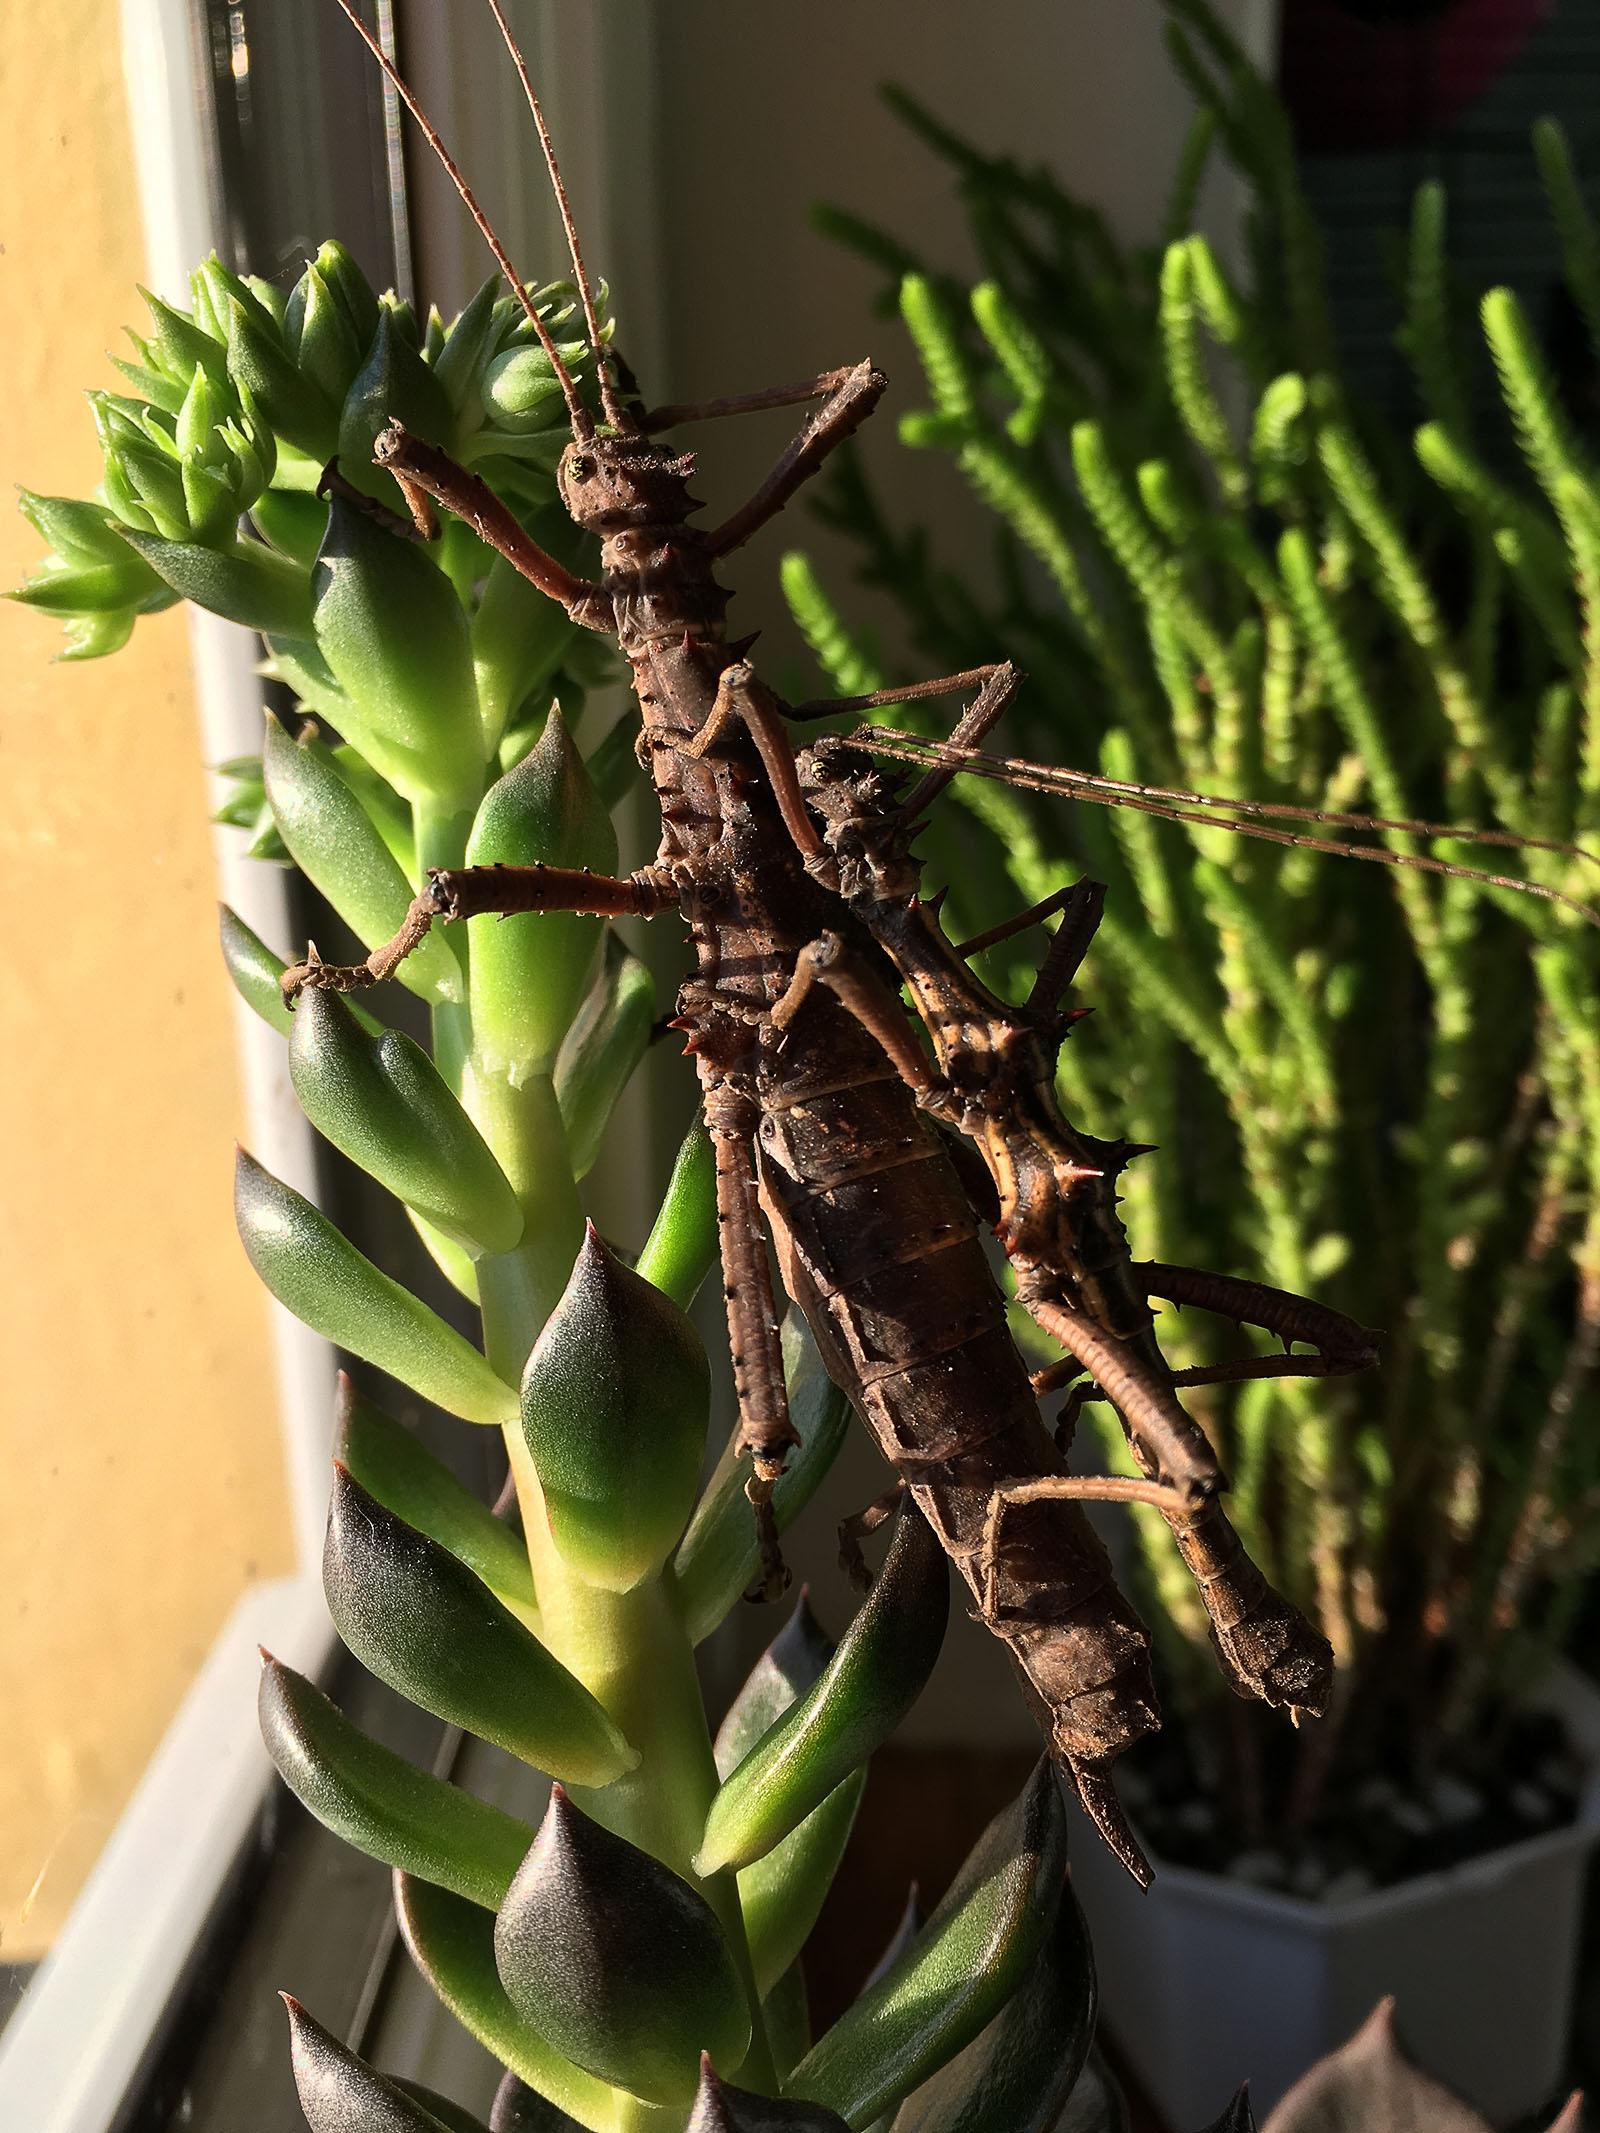 Pair of Thorny Stick Insect (Aretaon asperrimus).